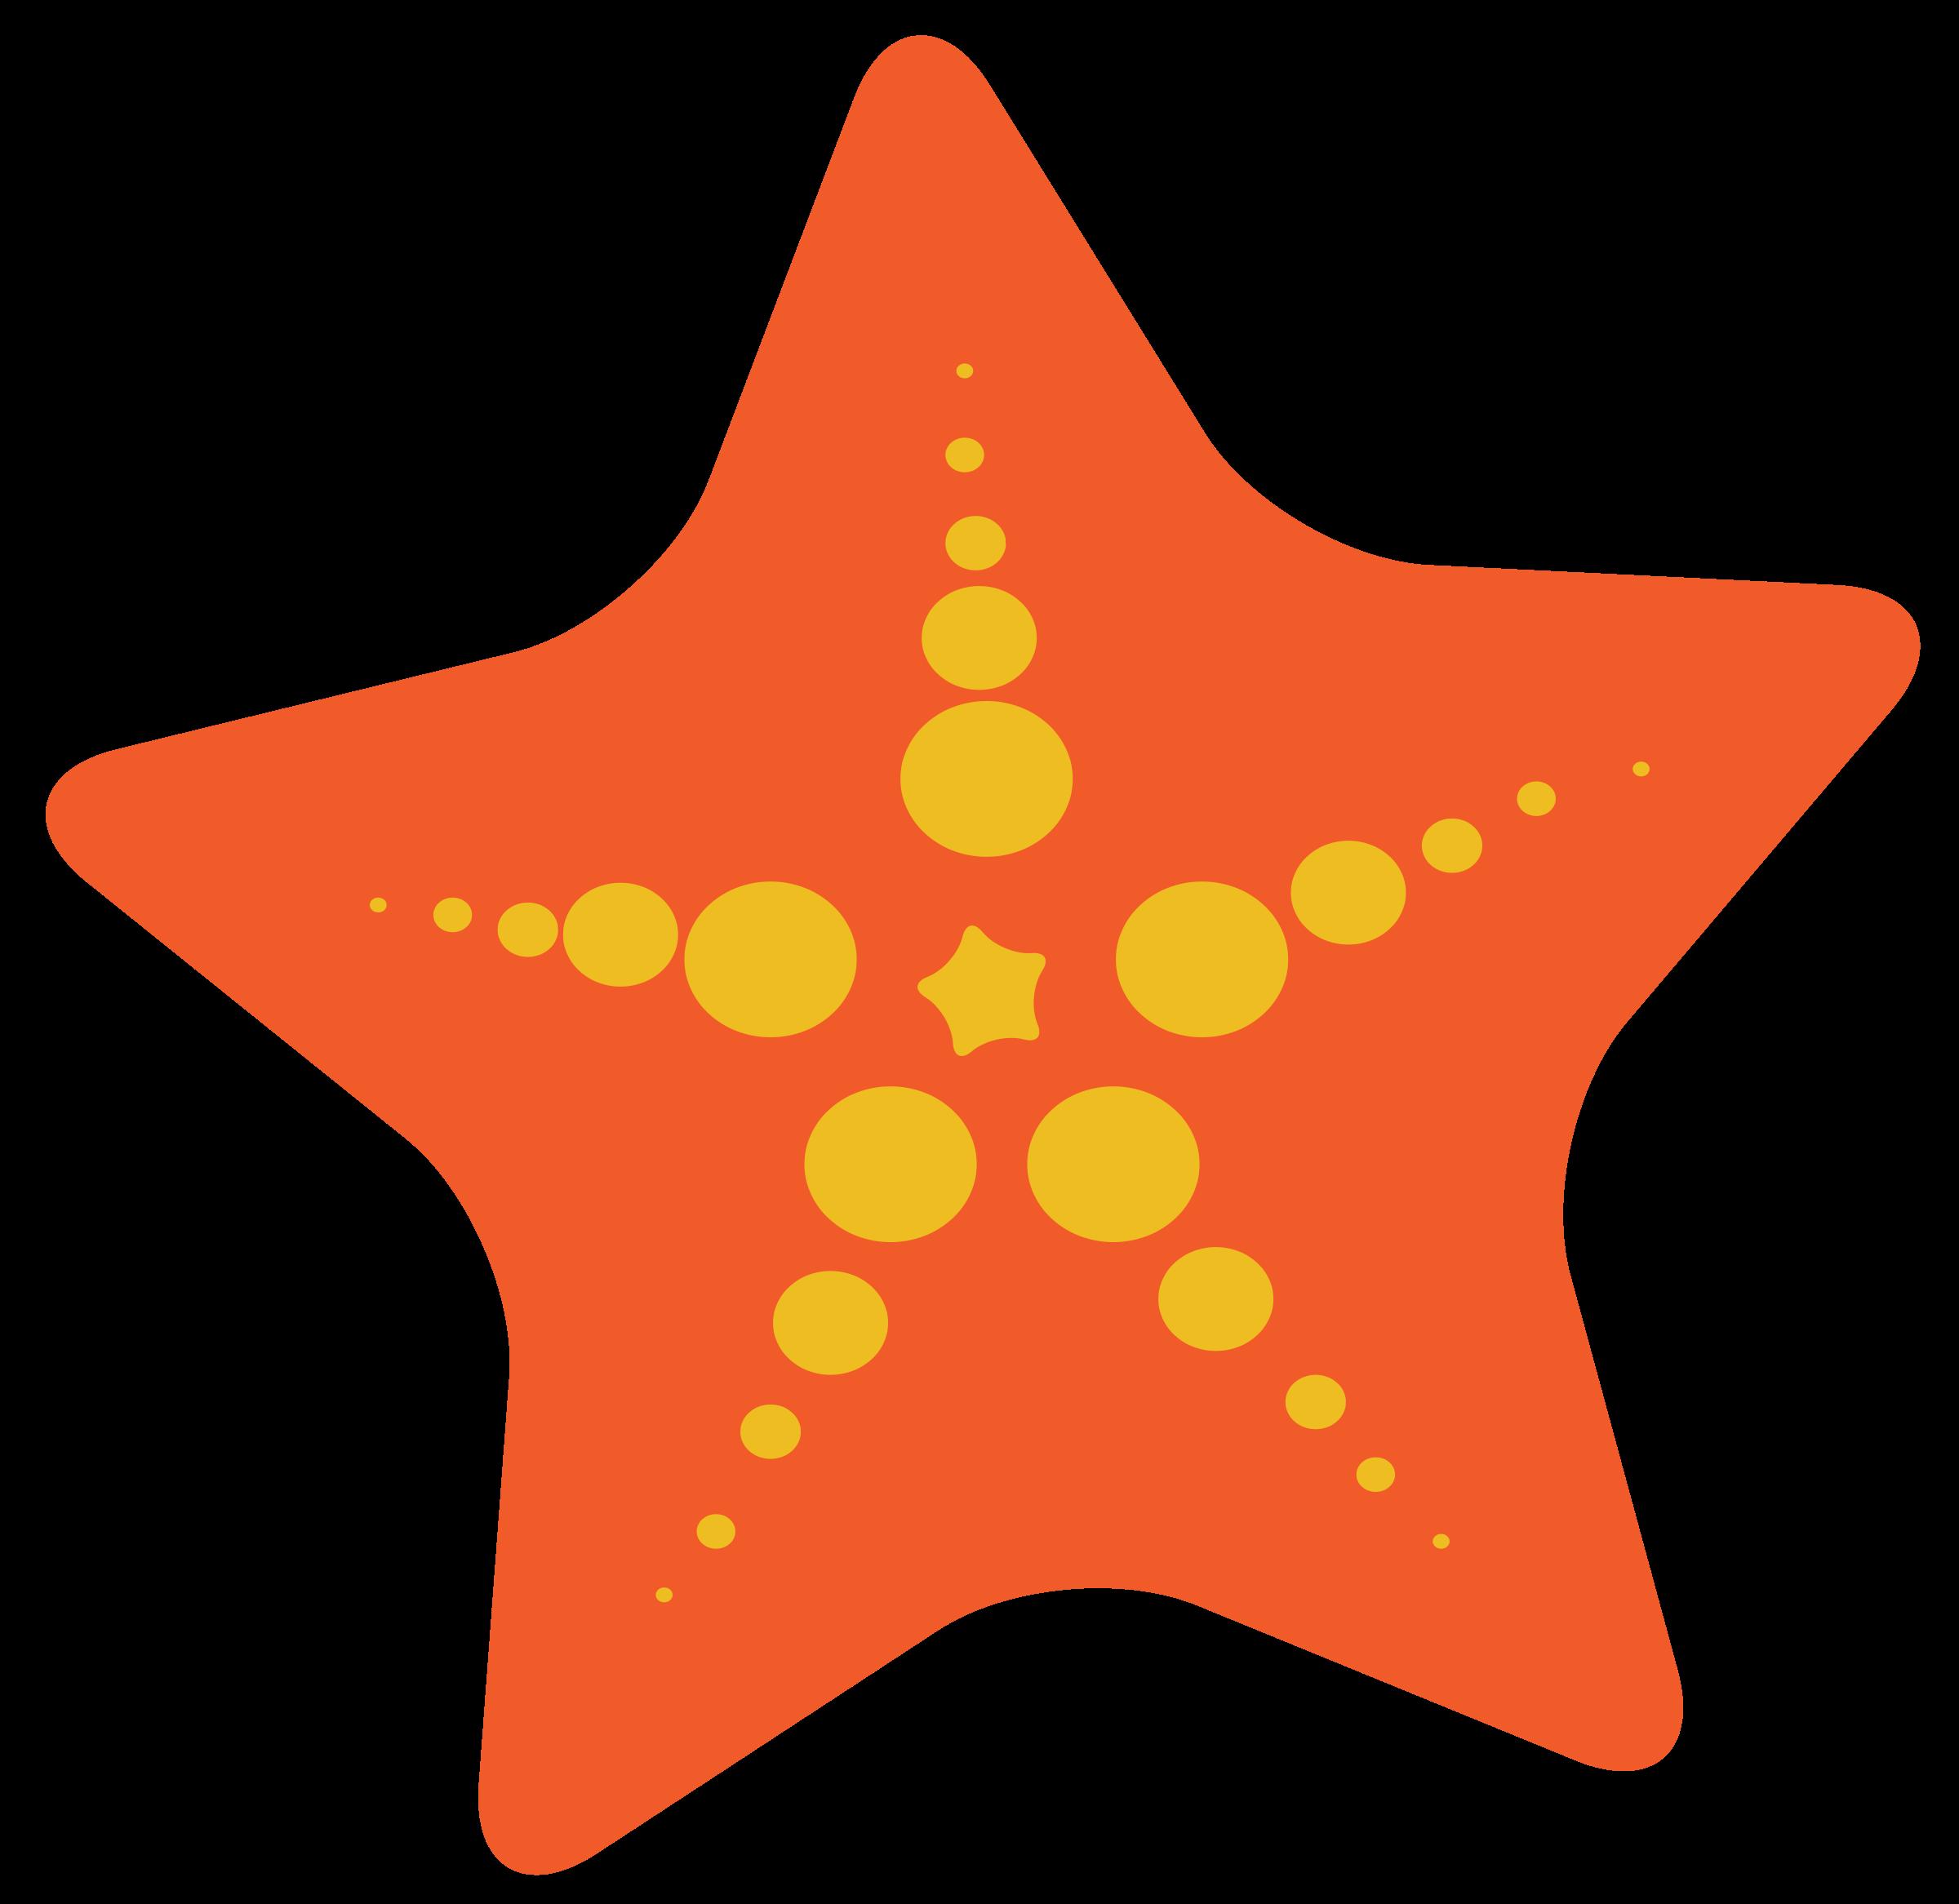 Clipart Starfish-clipart starfish-2